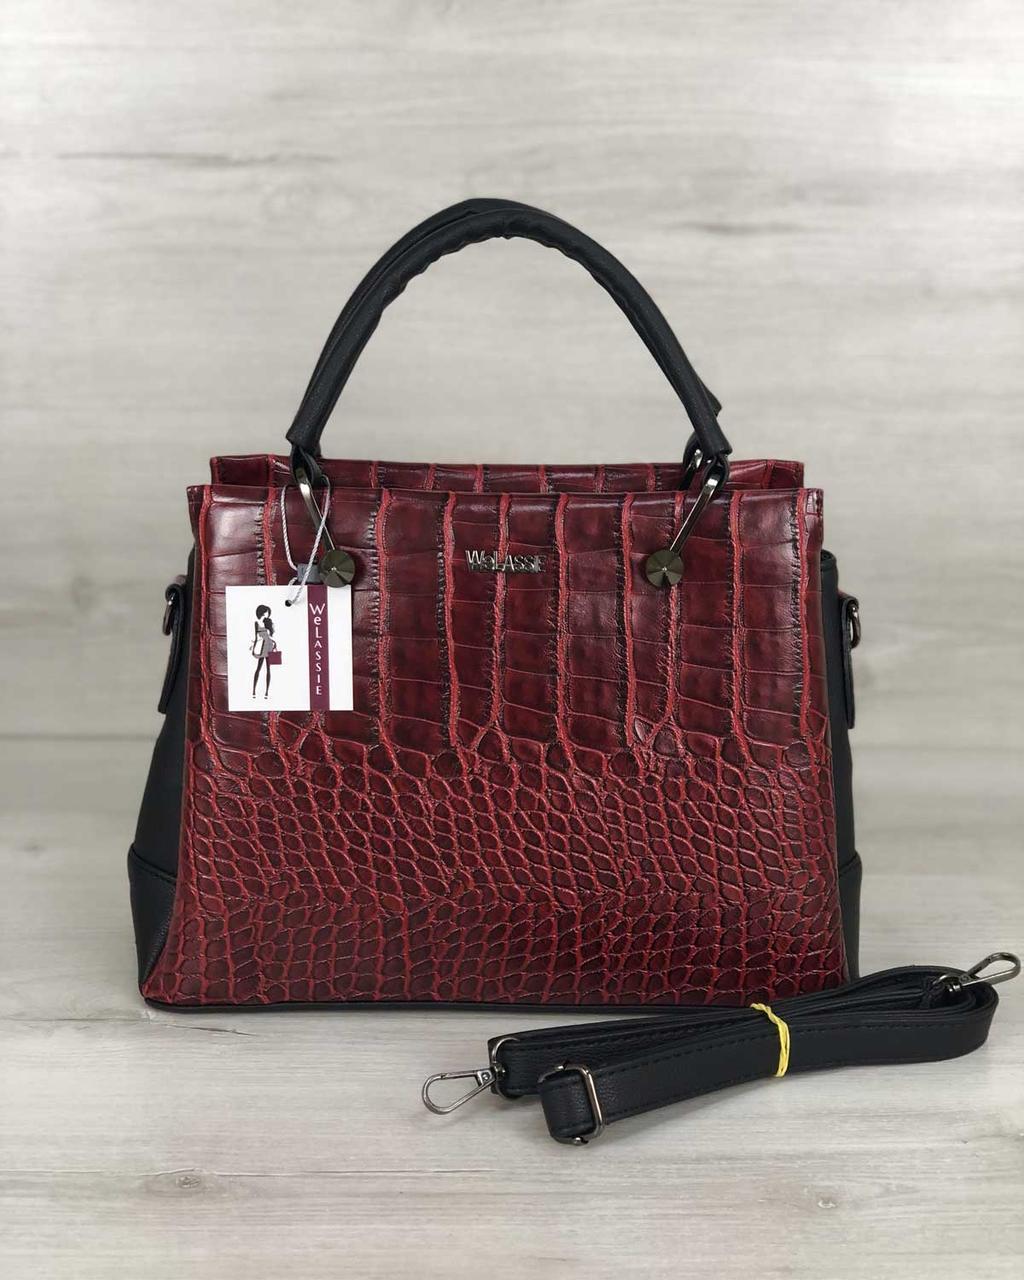 Молодежная женская стильная сумка Грана красный крокодил, женская модная сумка среднего размера из экокожи